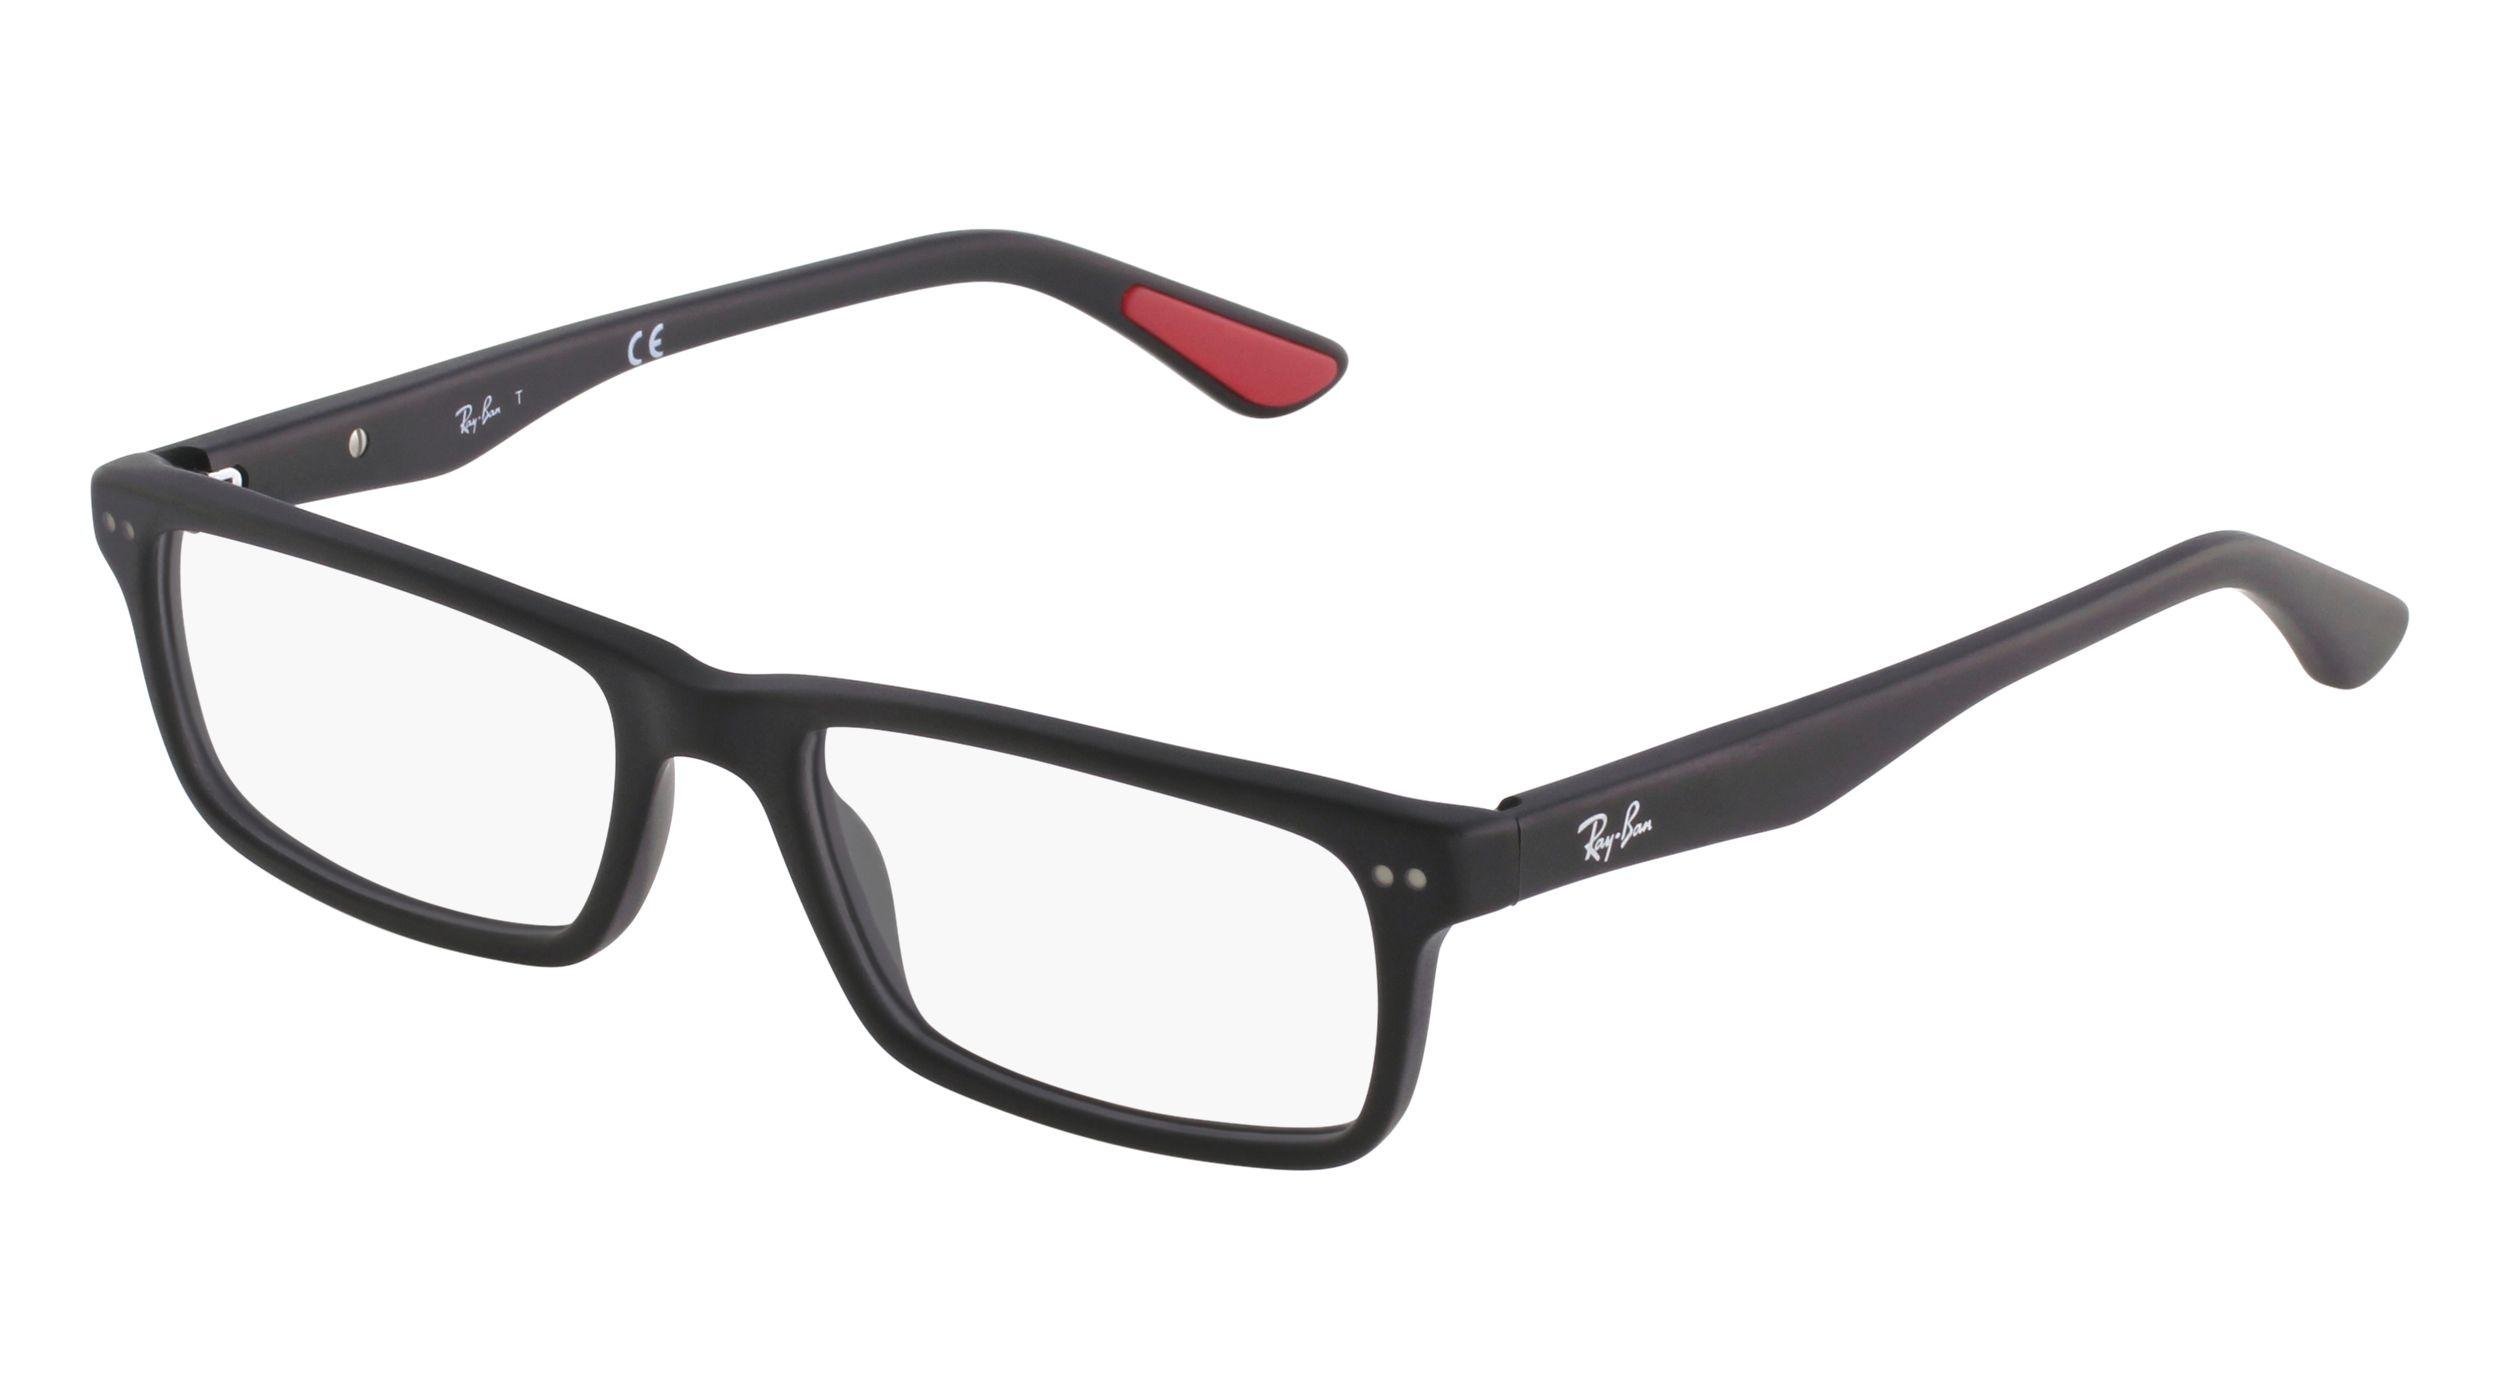 Essayer vos lunettes avant de les commander